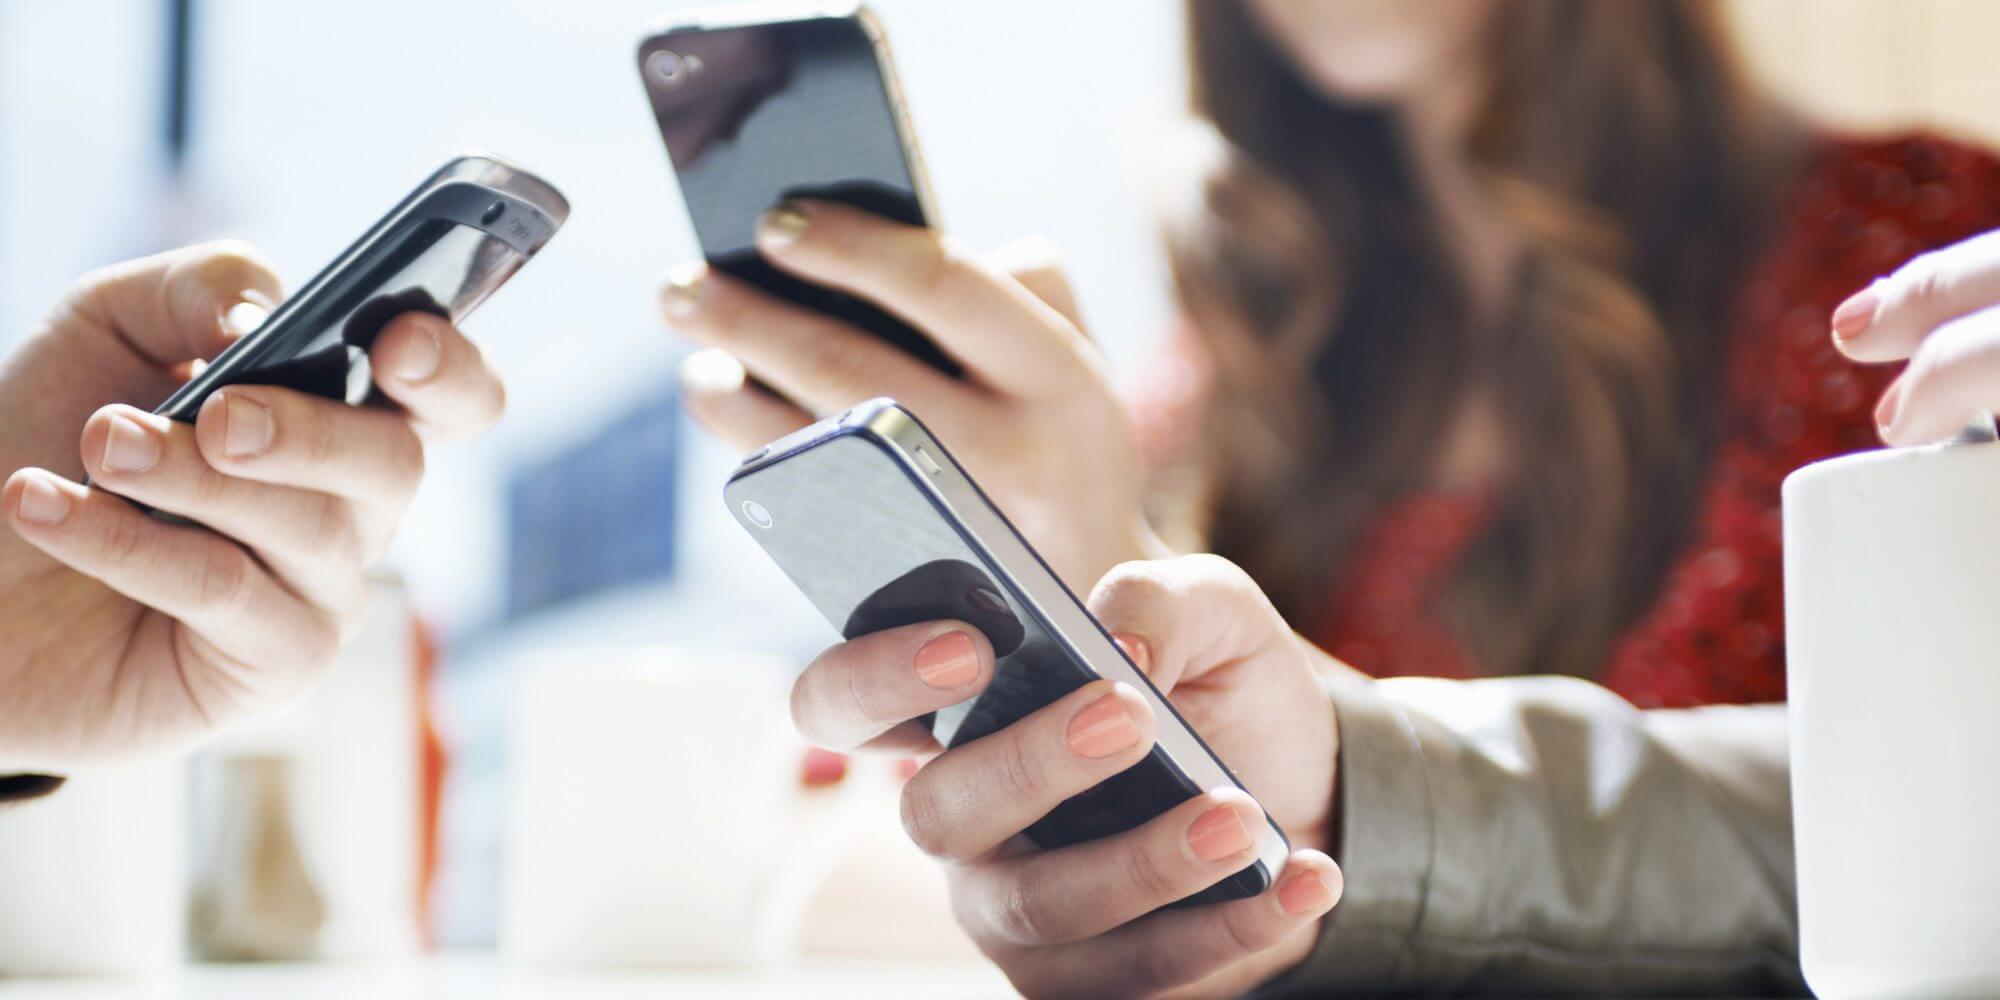 Conheça as 5 categorias de aplicativos mais populares no Brasil